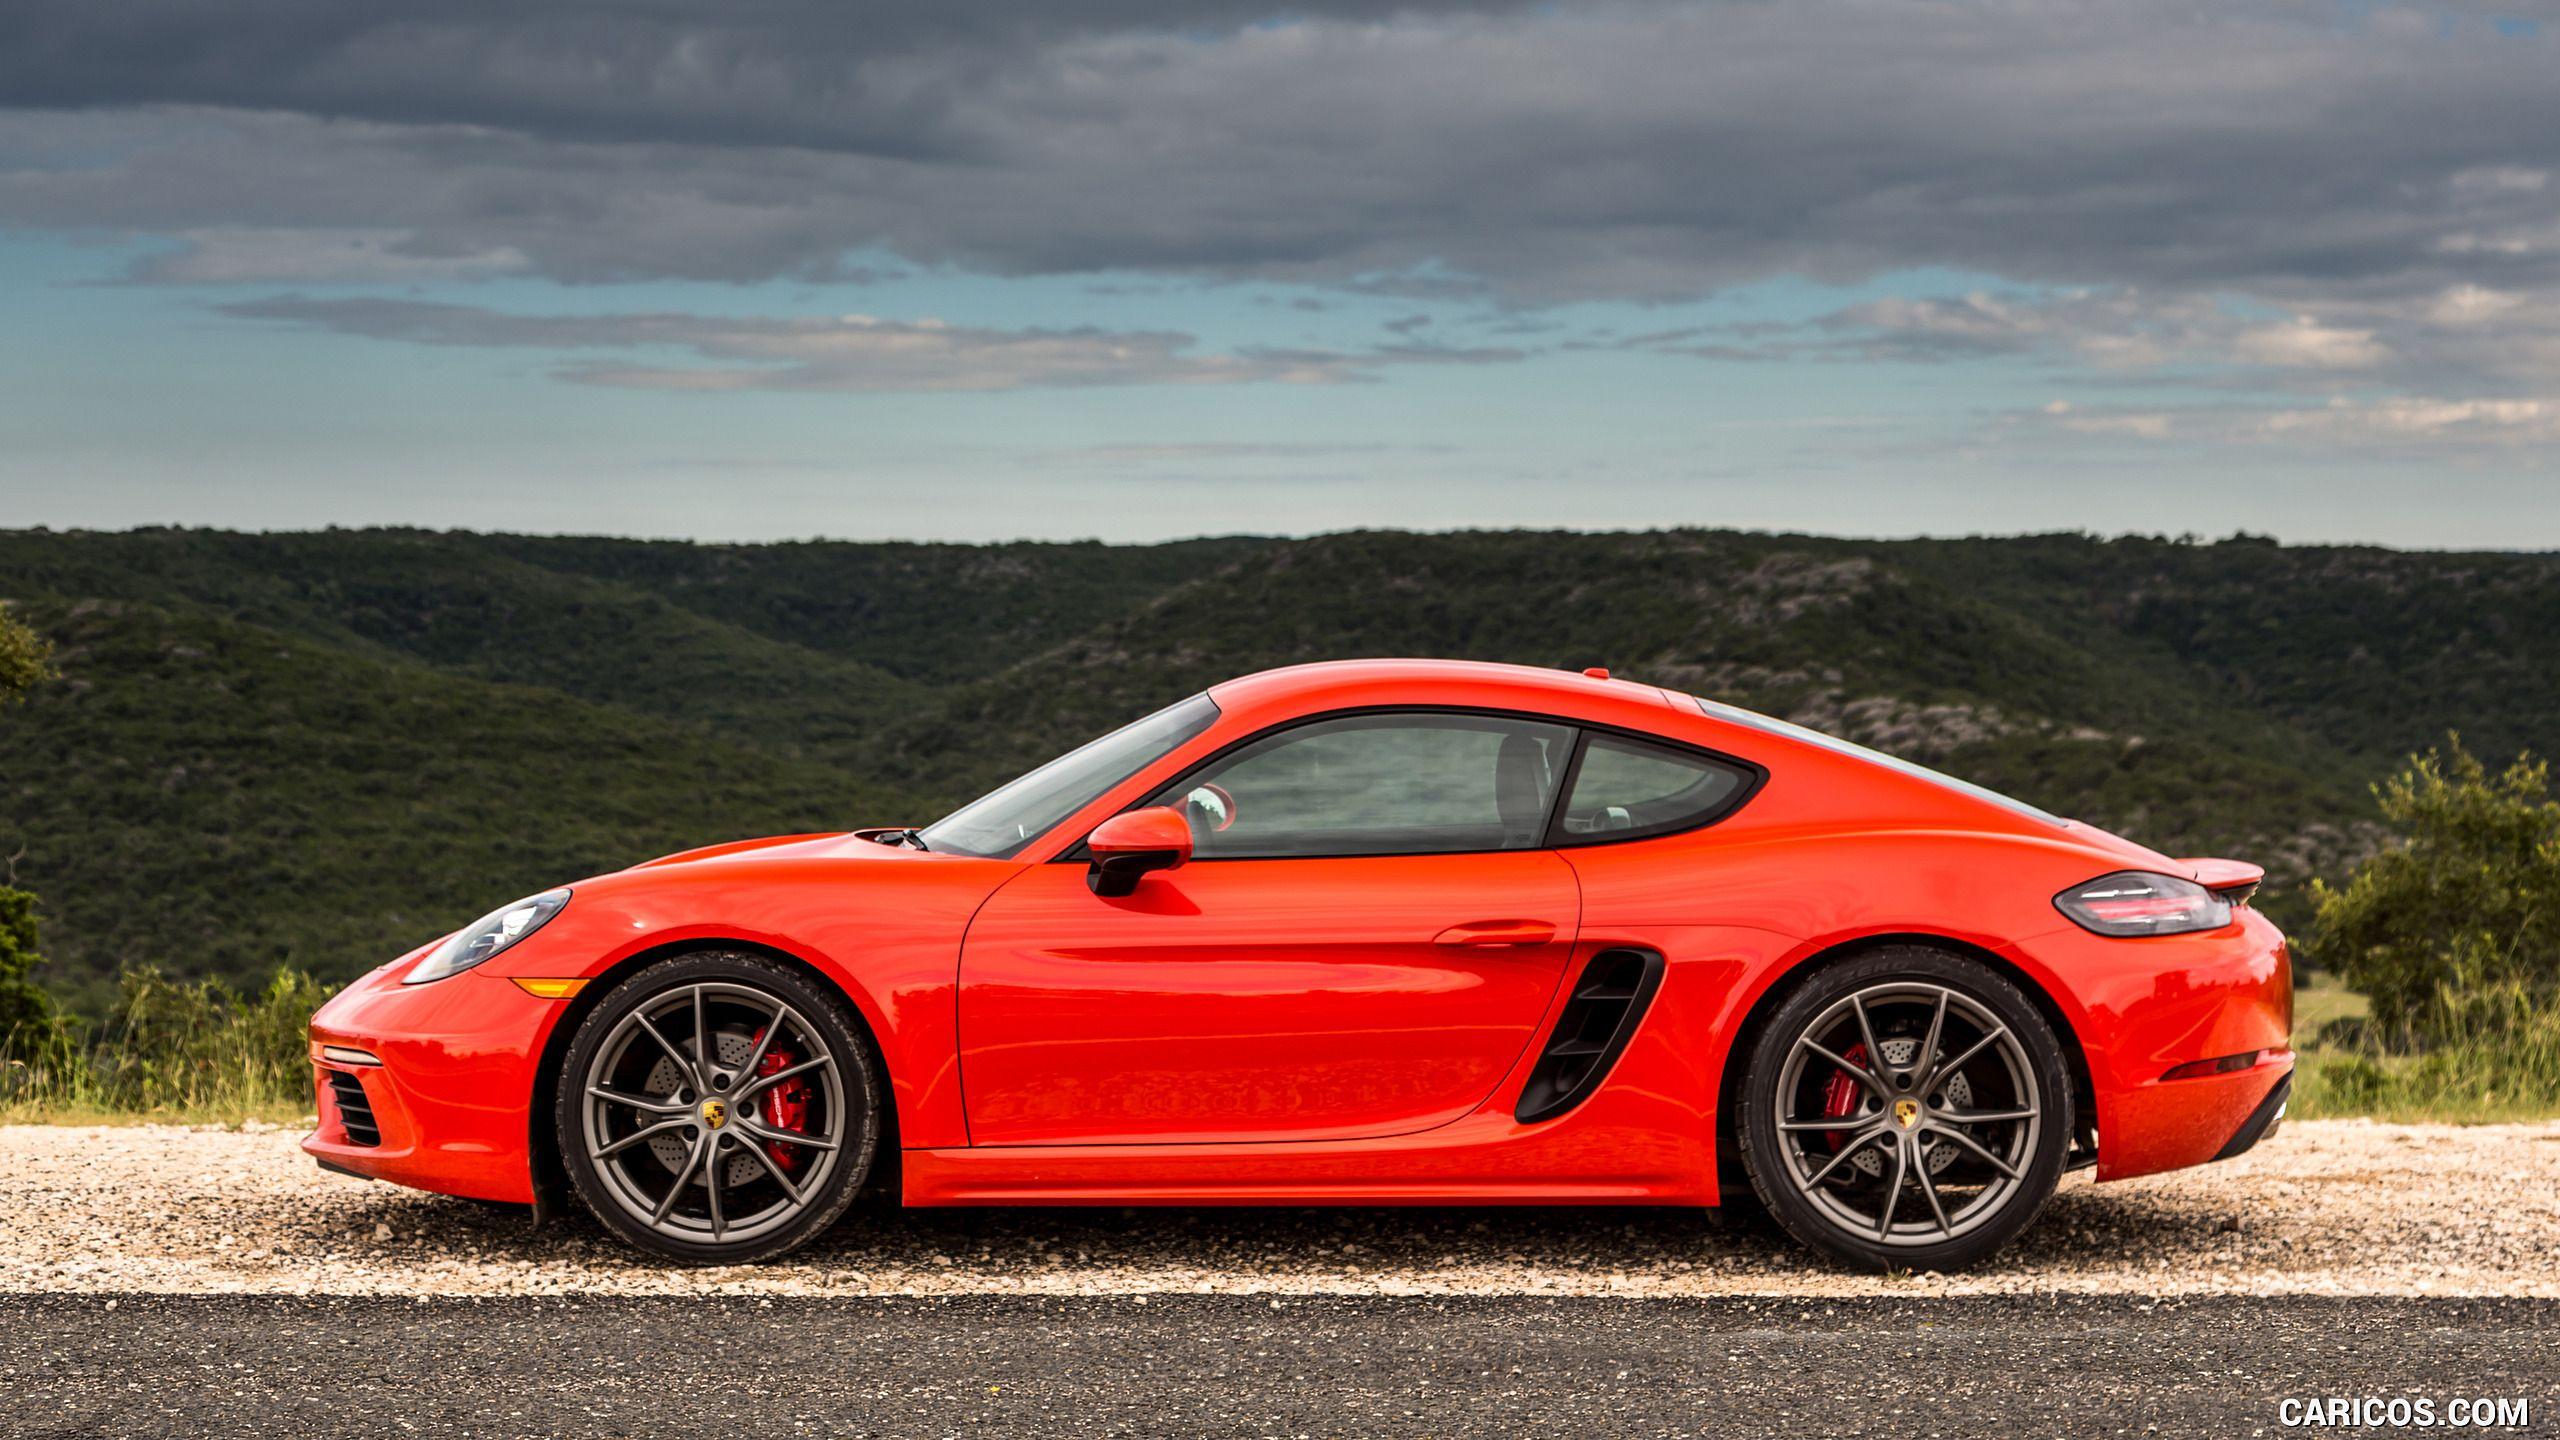 2017 Porsche 718 Cayman S Color Lava Orange Us Spec Side Hd Porsche 718 Cayman Porsche Cayman S